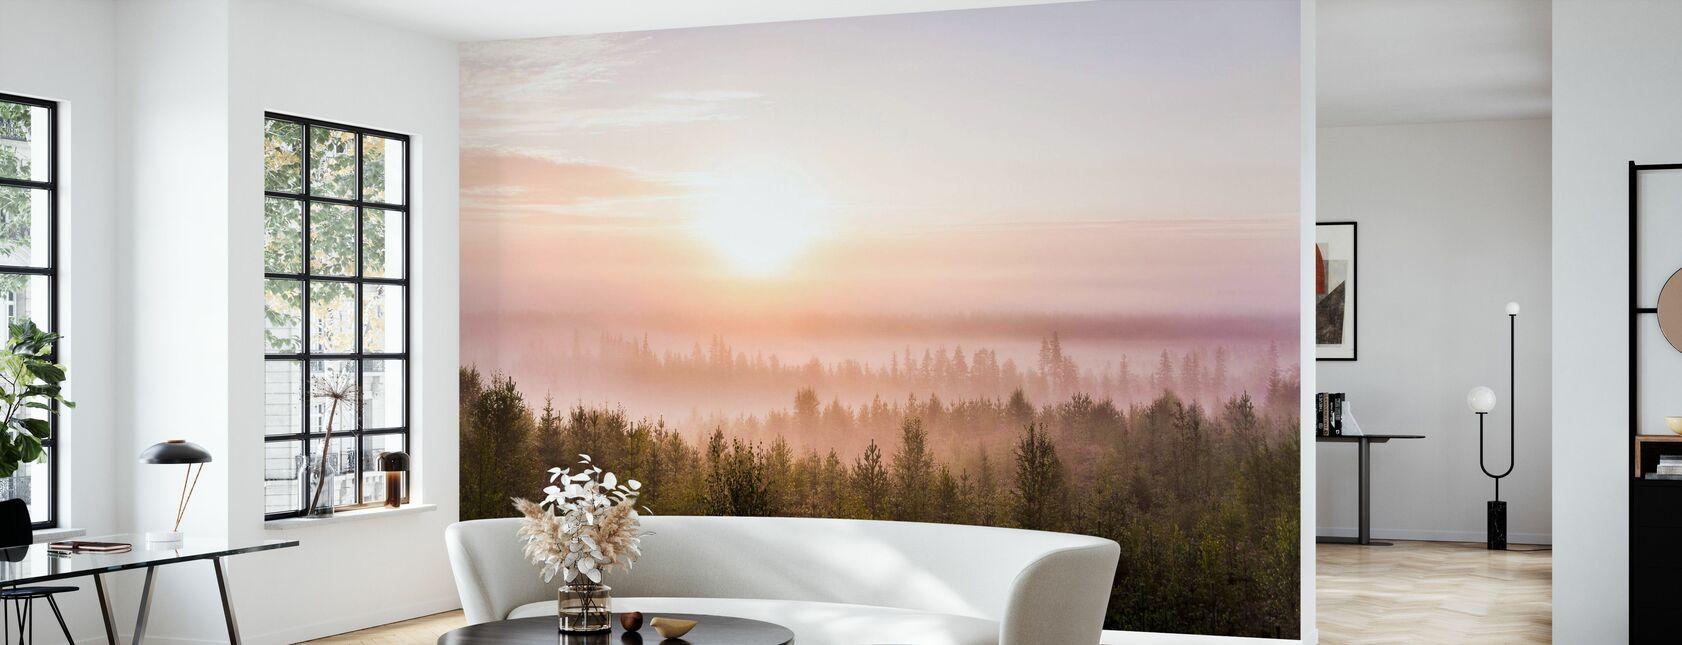 Morgen Meditation - Tapet - Stue